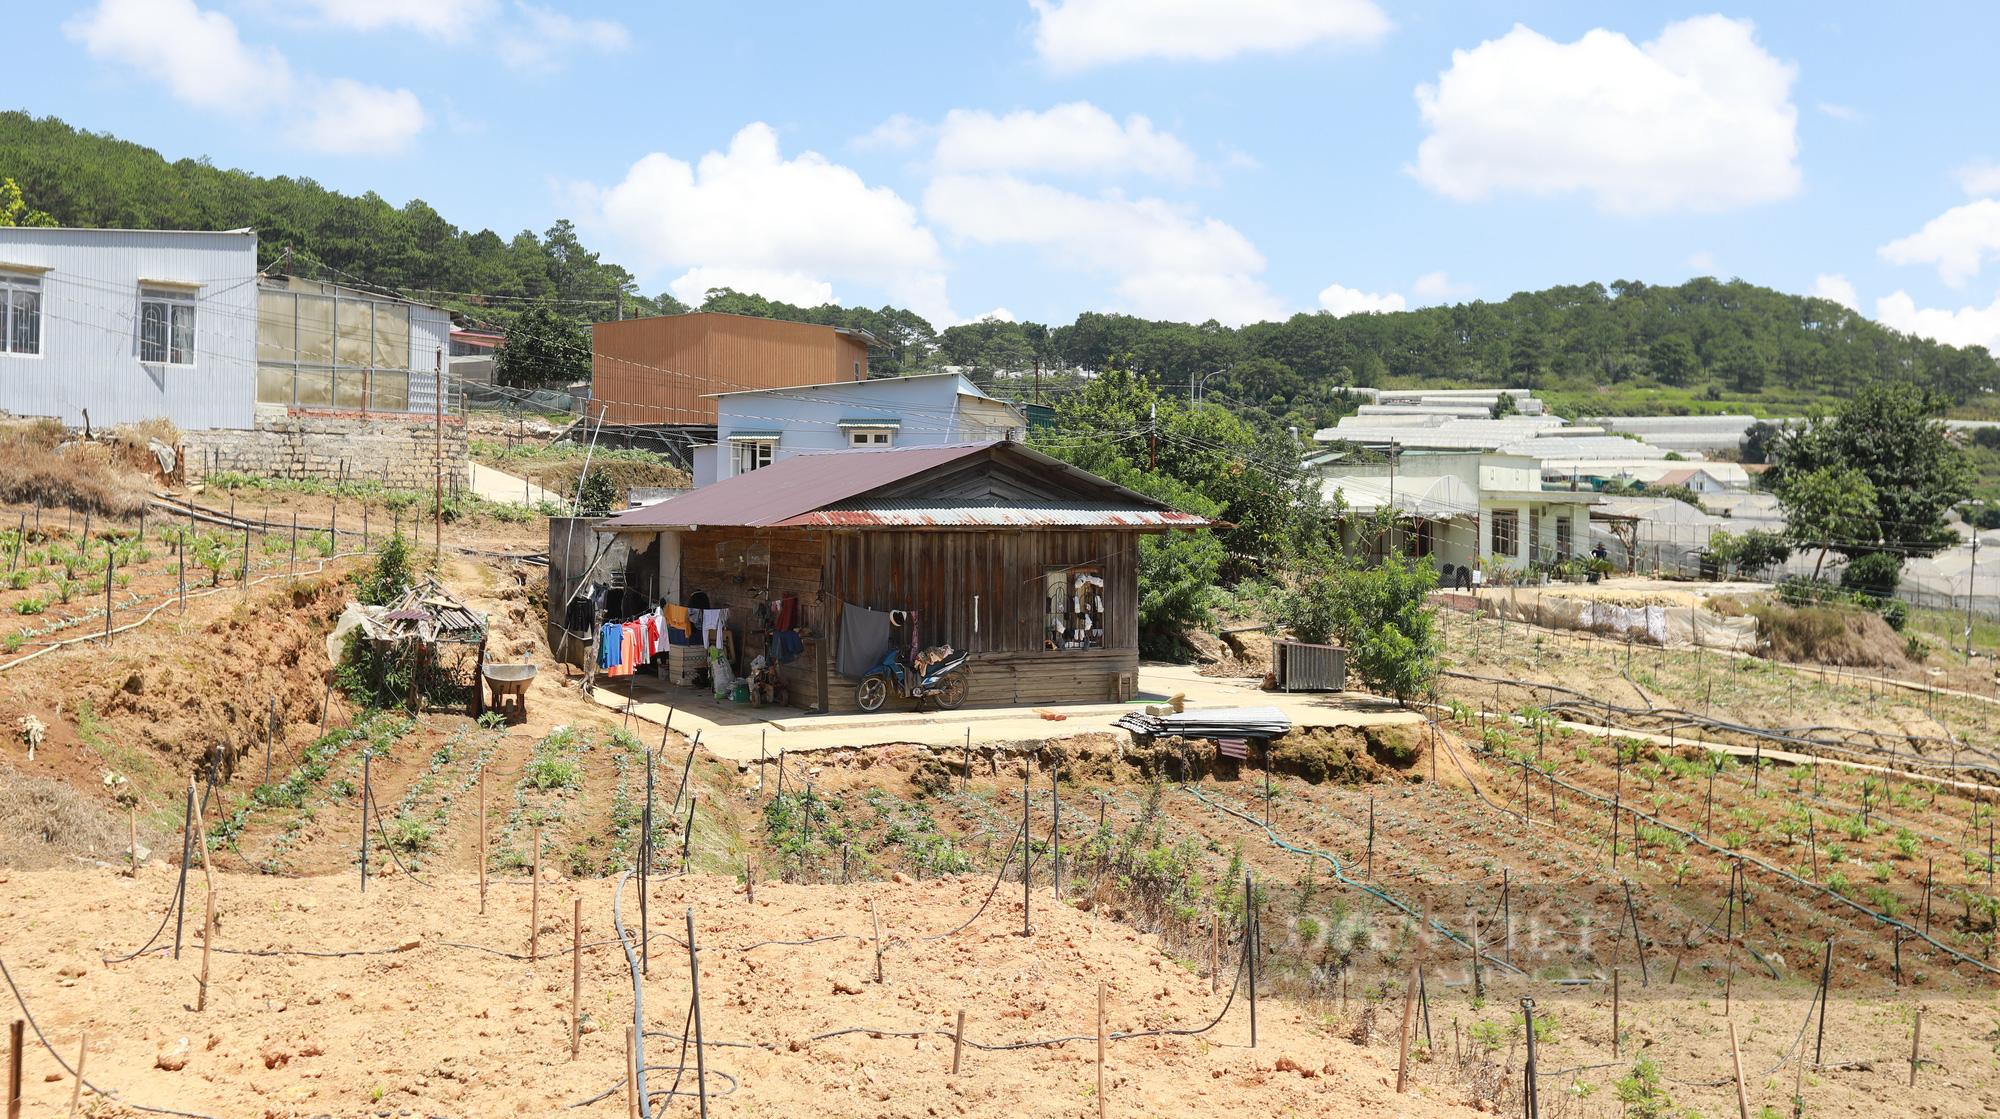 Lâm Đồng: Dự án khu dân cư treo 12 năm, chủ đầu tư có đủ năng lực? - Ảnh 4.